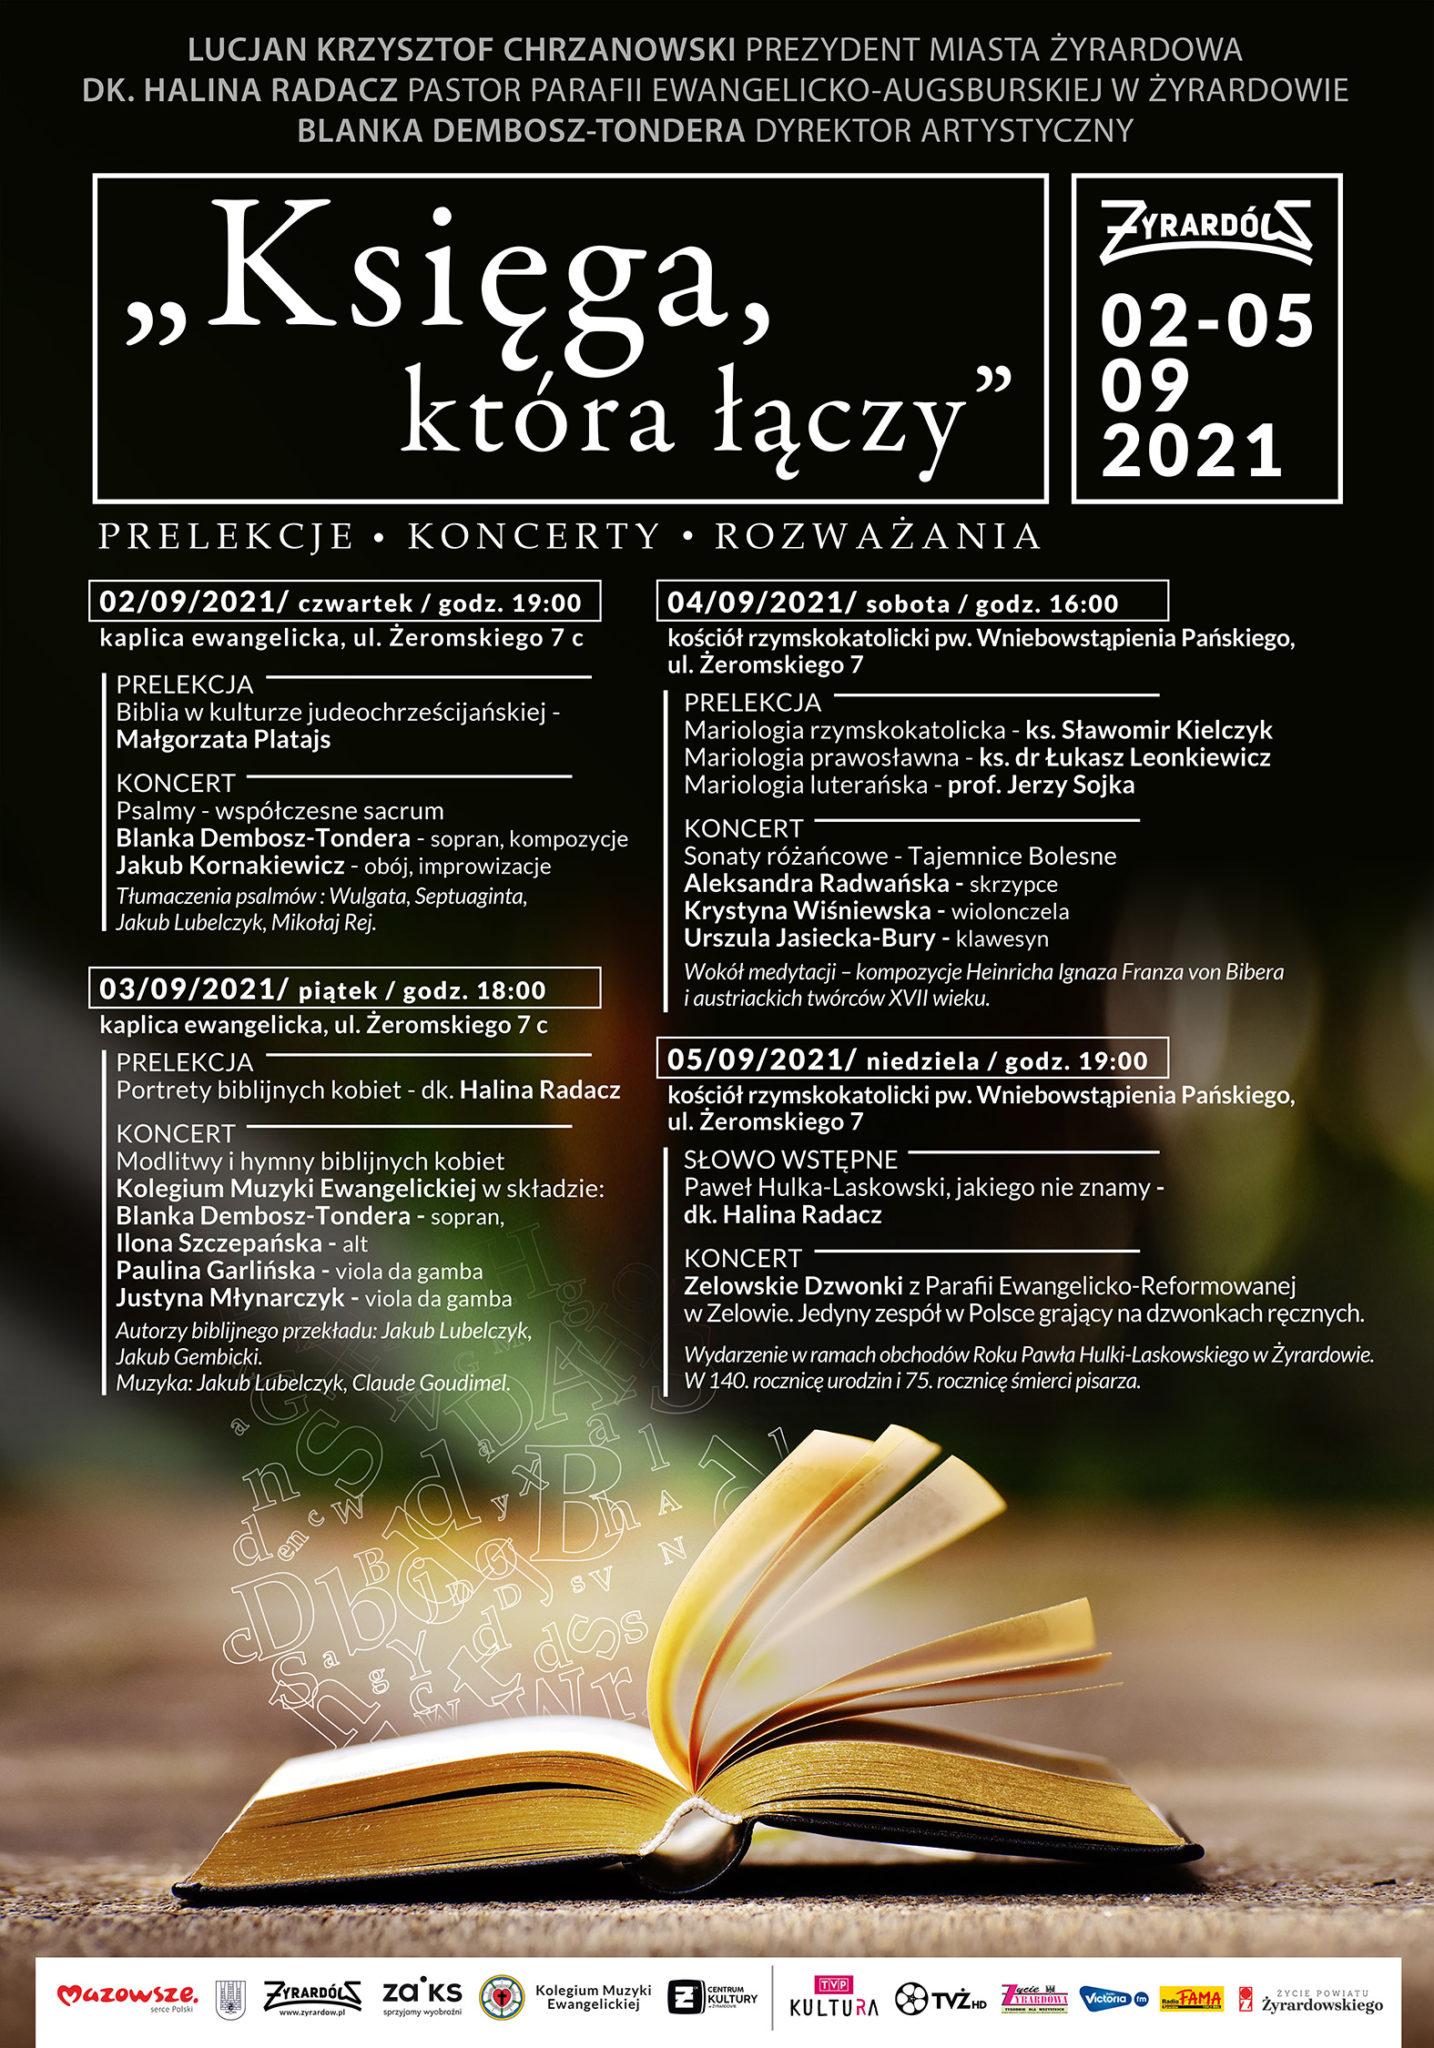 2021-10-06-ksiega-ktora-laczy.jpg